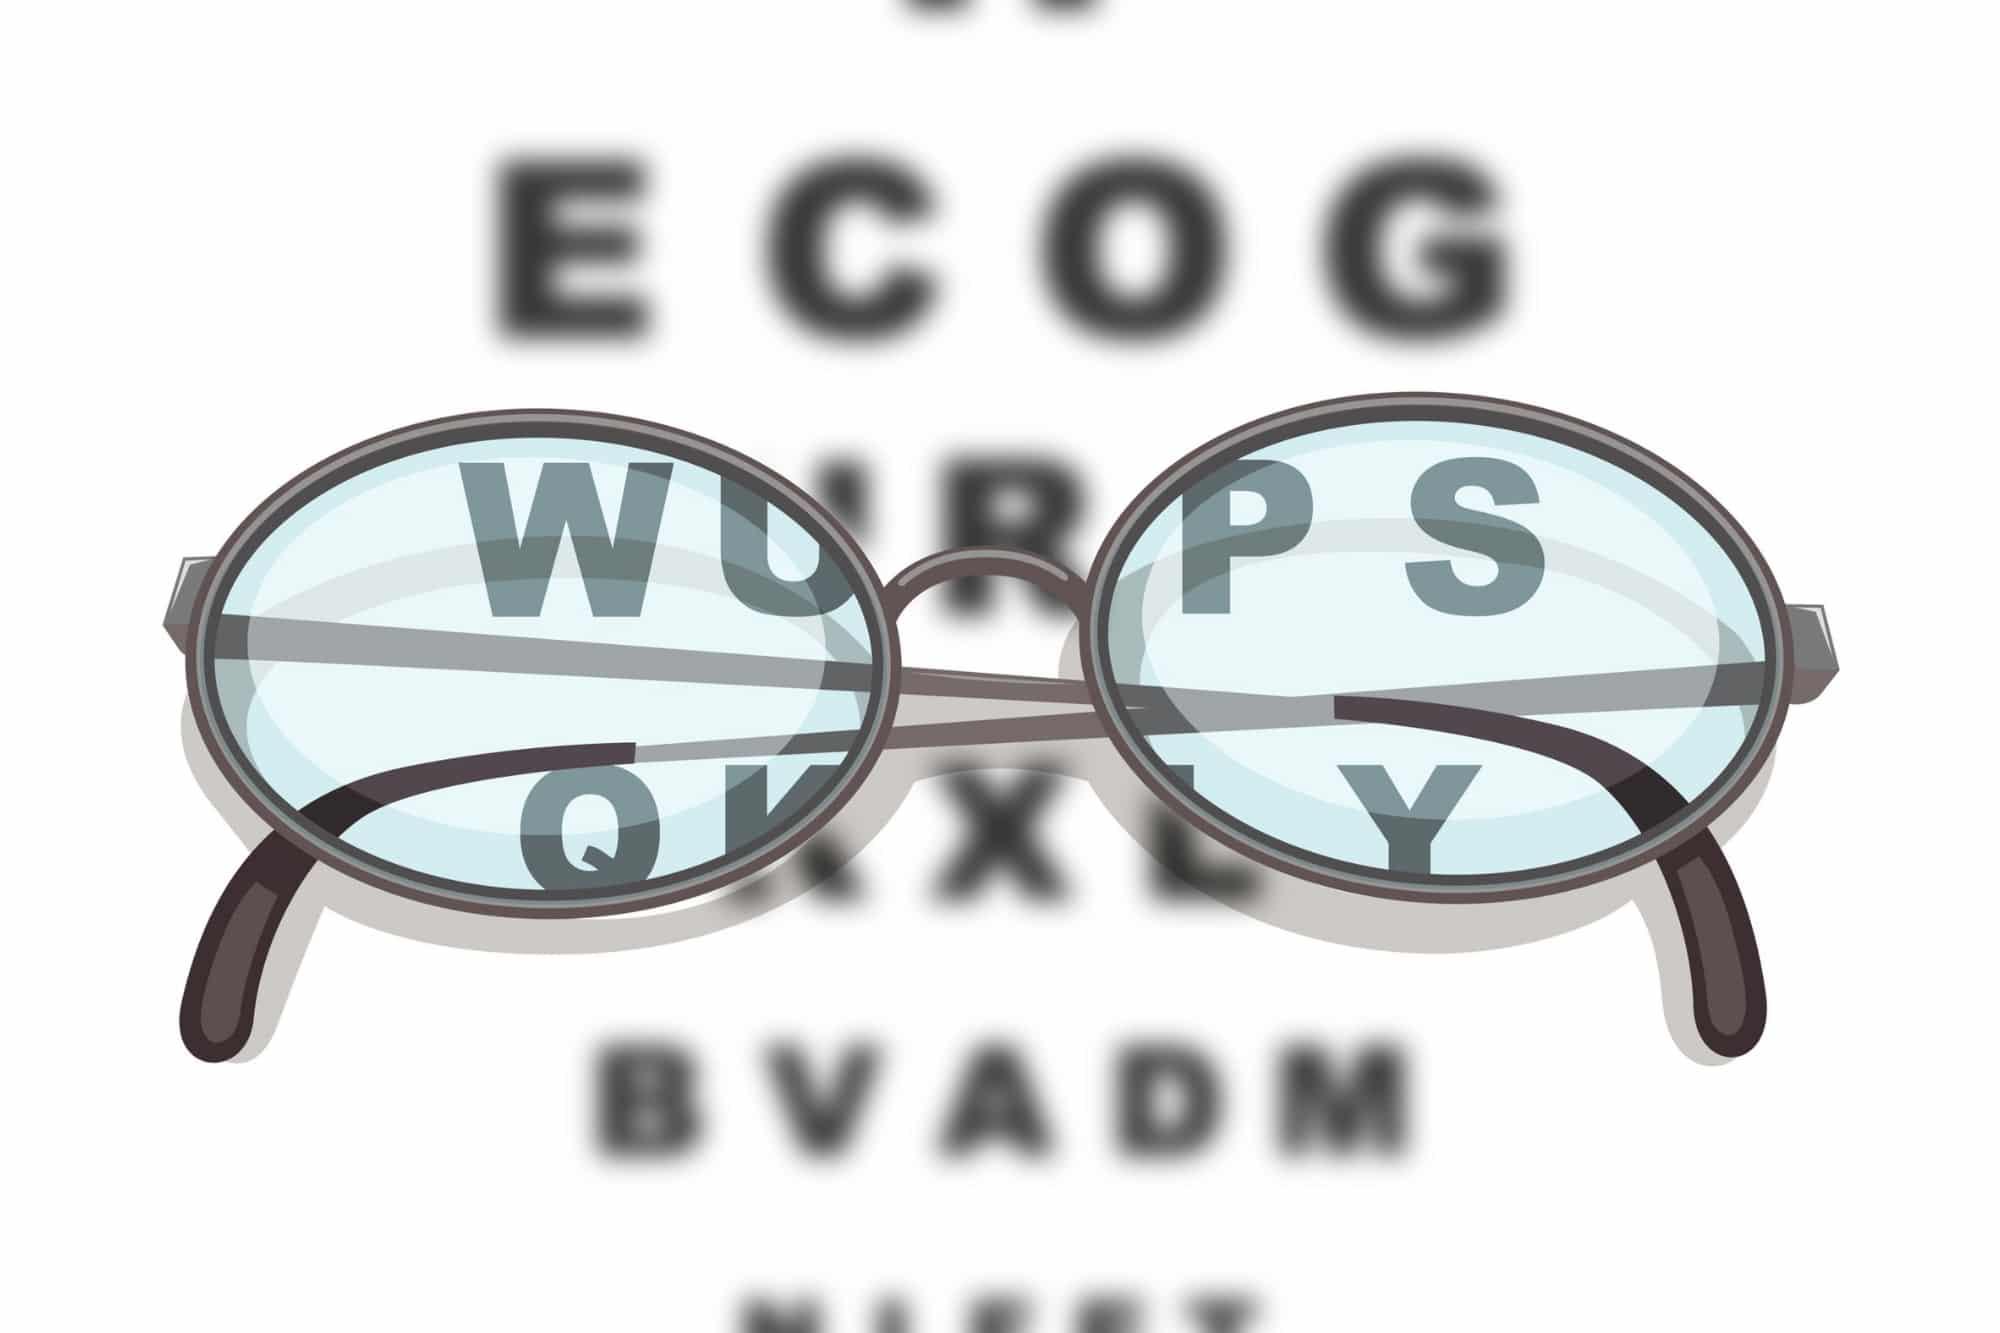 איך לשפר את הראייה? – אופטיקה יפעת